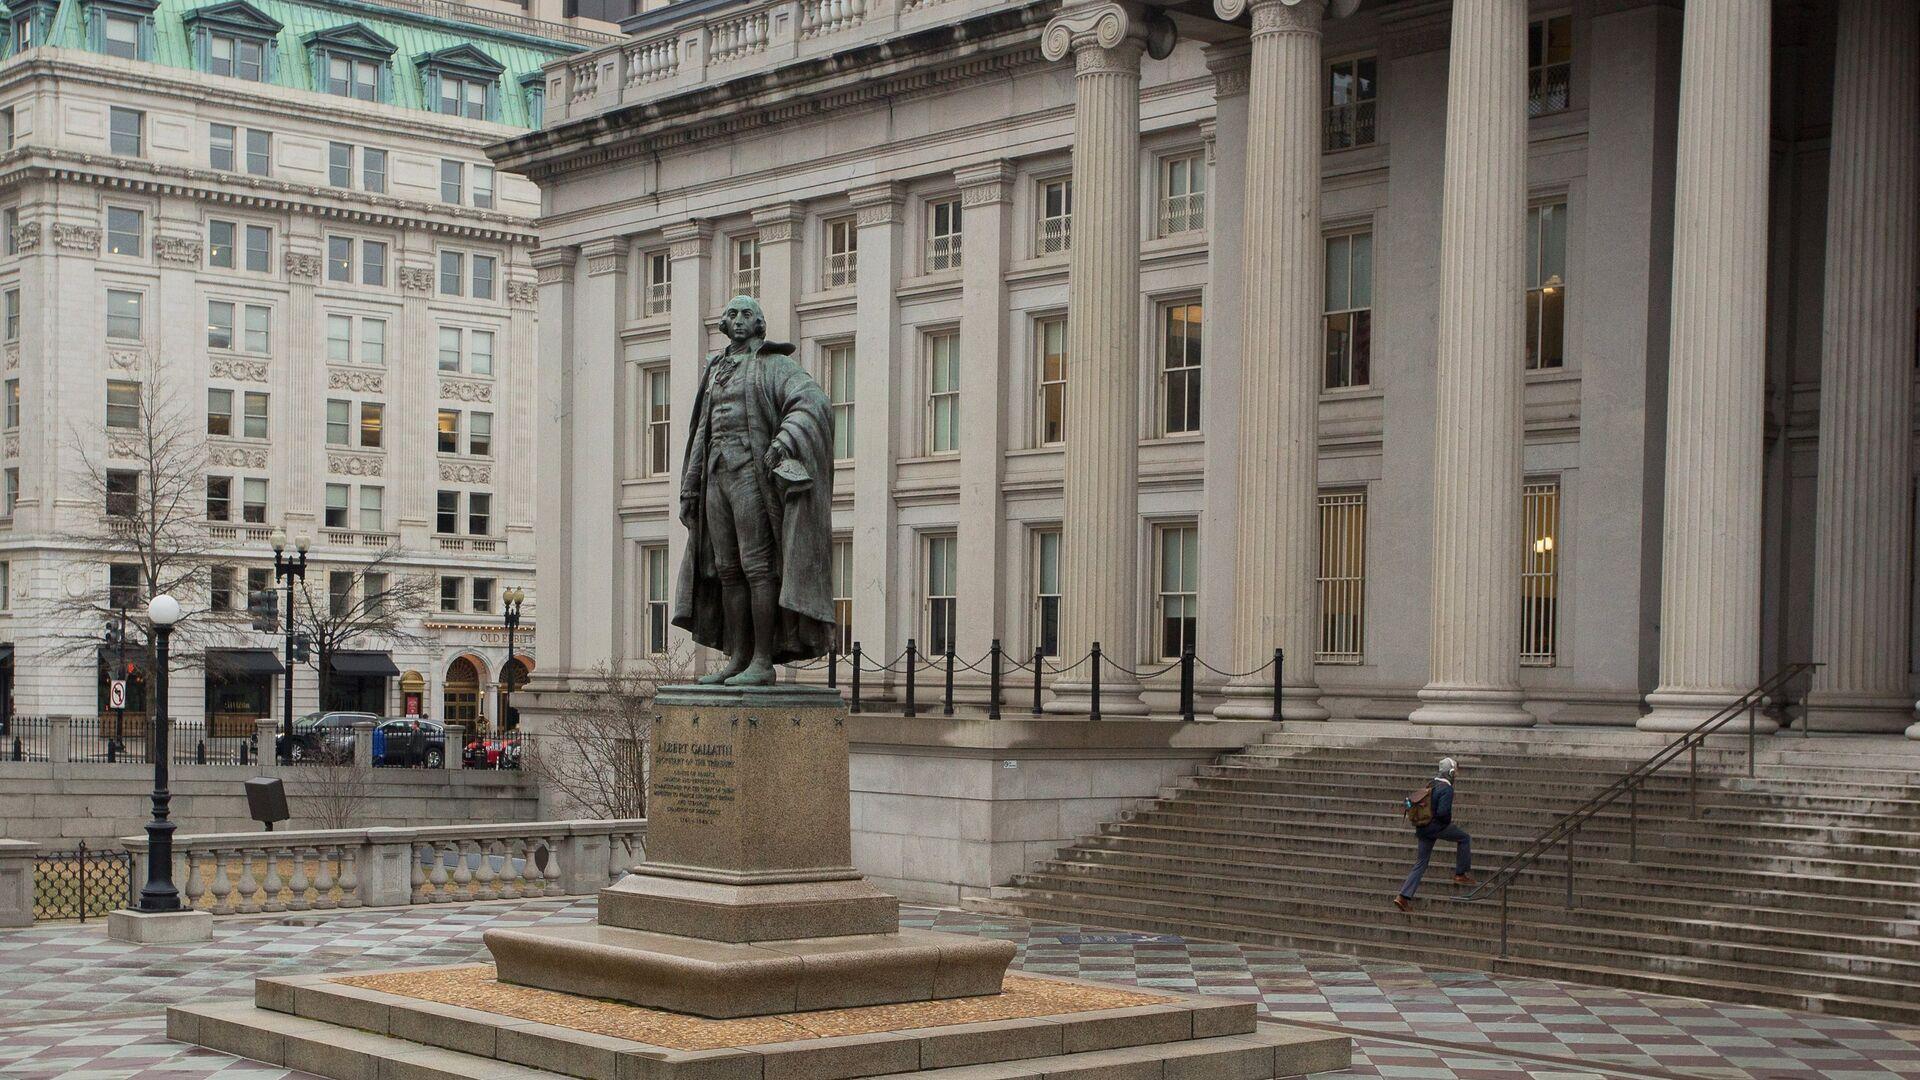 Министерство финансов США в Вашингтоне - РИА Новости, 1920, 31.07.2020